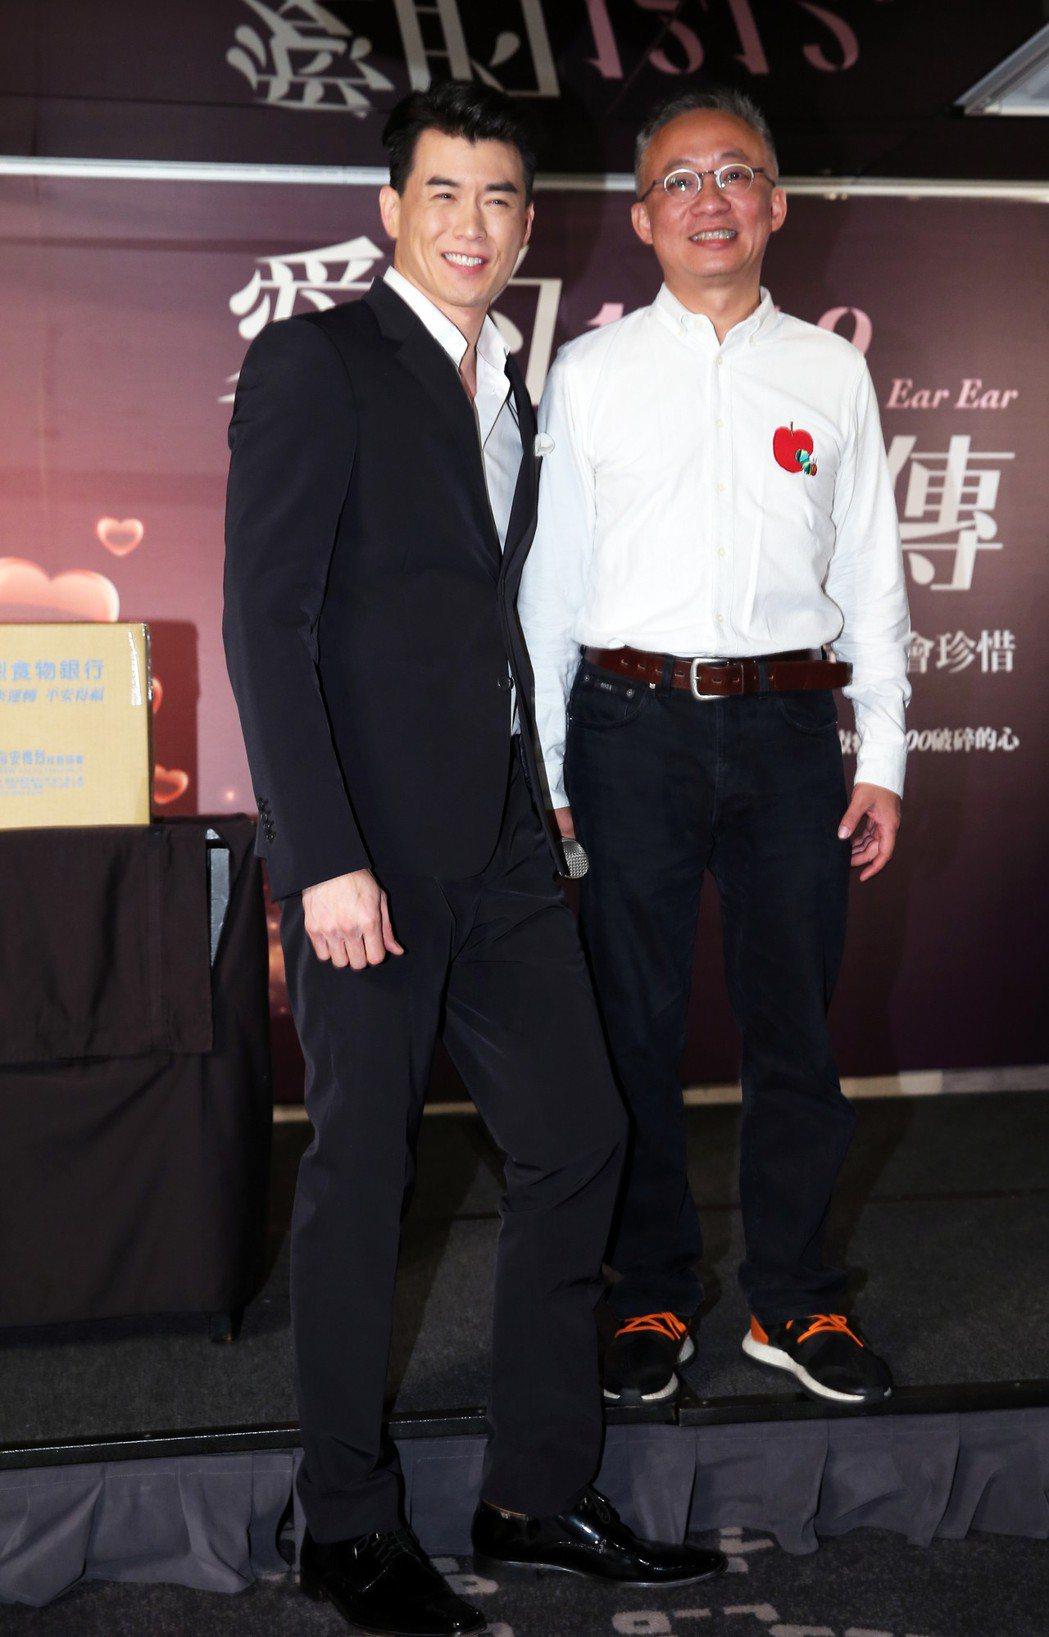 樂壇新人Chris Yahng楊仁沛(左)與音樂創作人許常德出席《愛的口耳相傳》...